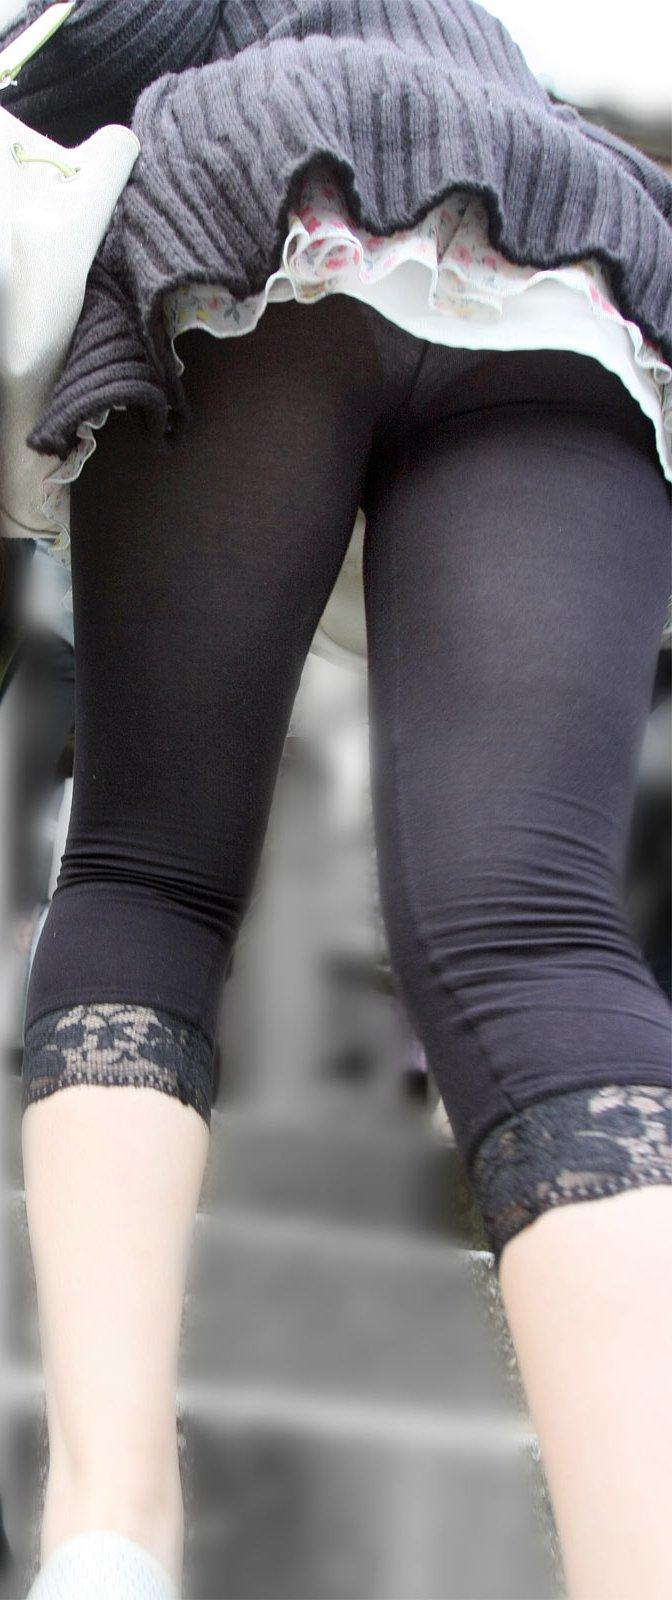 【レギンスエロ画像】この時期防寒のためにレギンス履く女性が多いけど、まるでガードできていない件Σ(゚д゚)